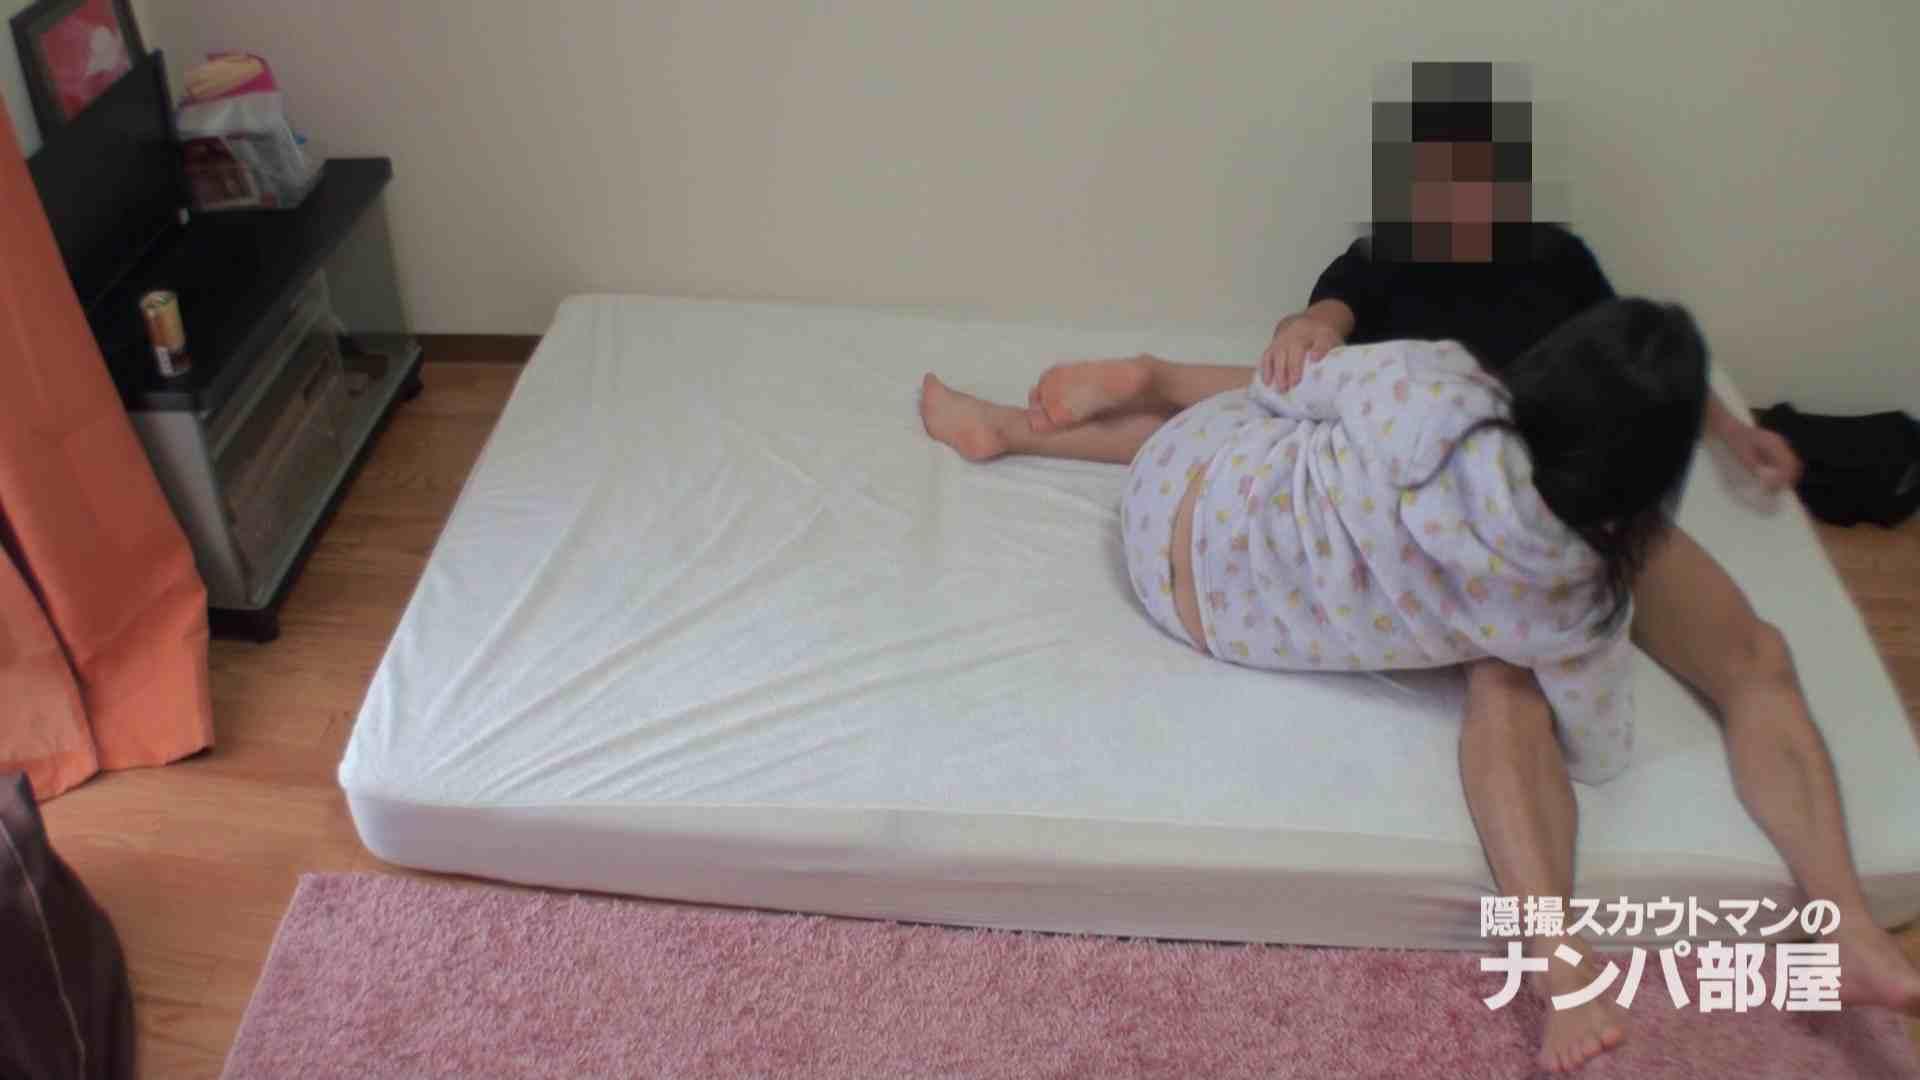 隠撮スカウトマンのナンパ部屋~風俗デビュー前のつまみ食い~hanavol.3 隠撮 | SEX映像  111pic 81